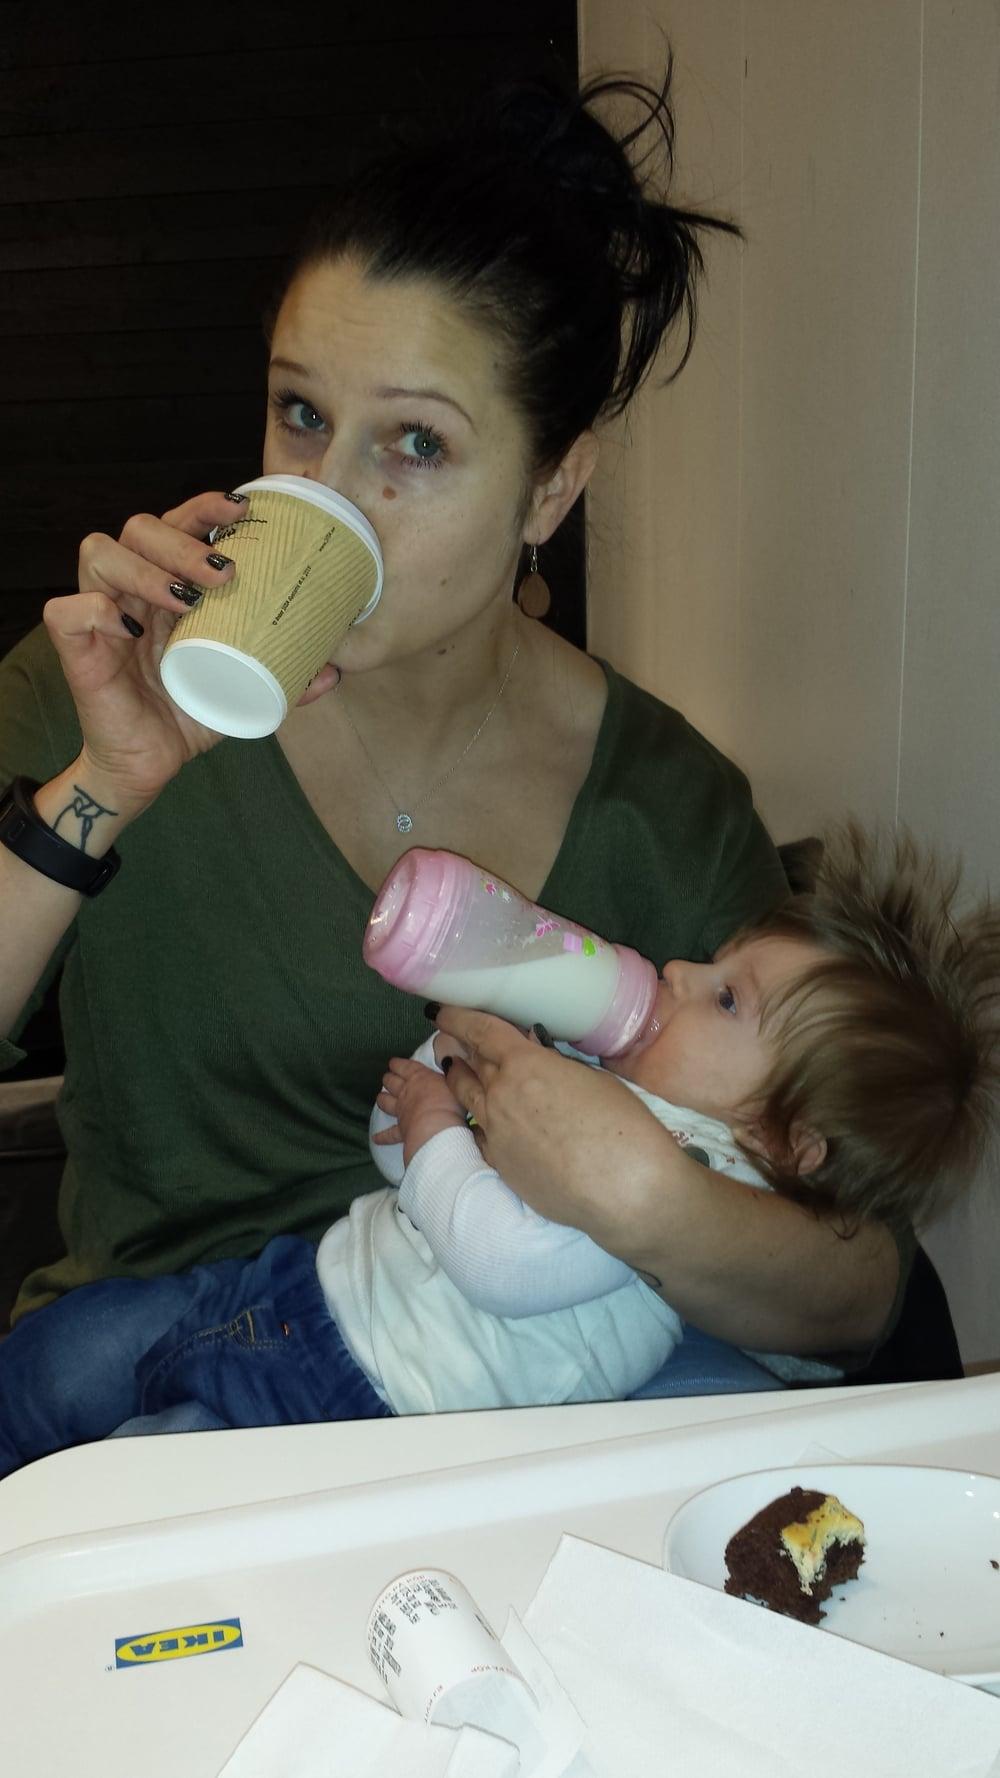 Snabbfika på Ikea. Lägg gärna märke till vilka multitasking mama-skills jag har lagt till med.